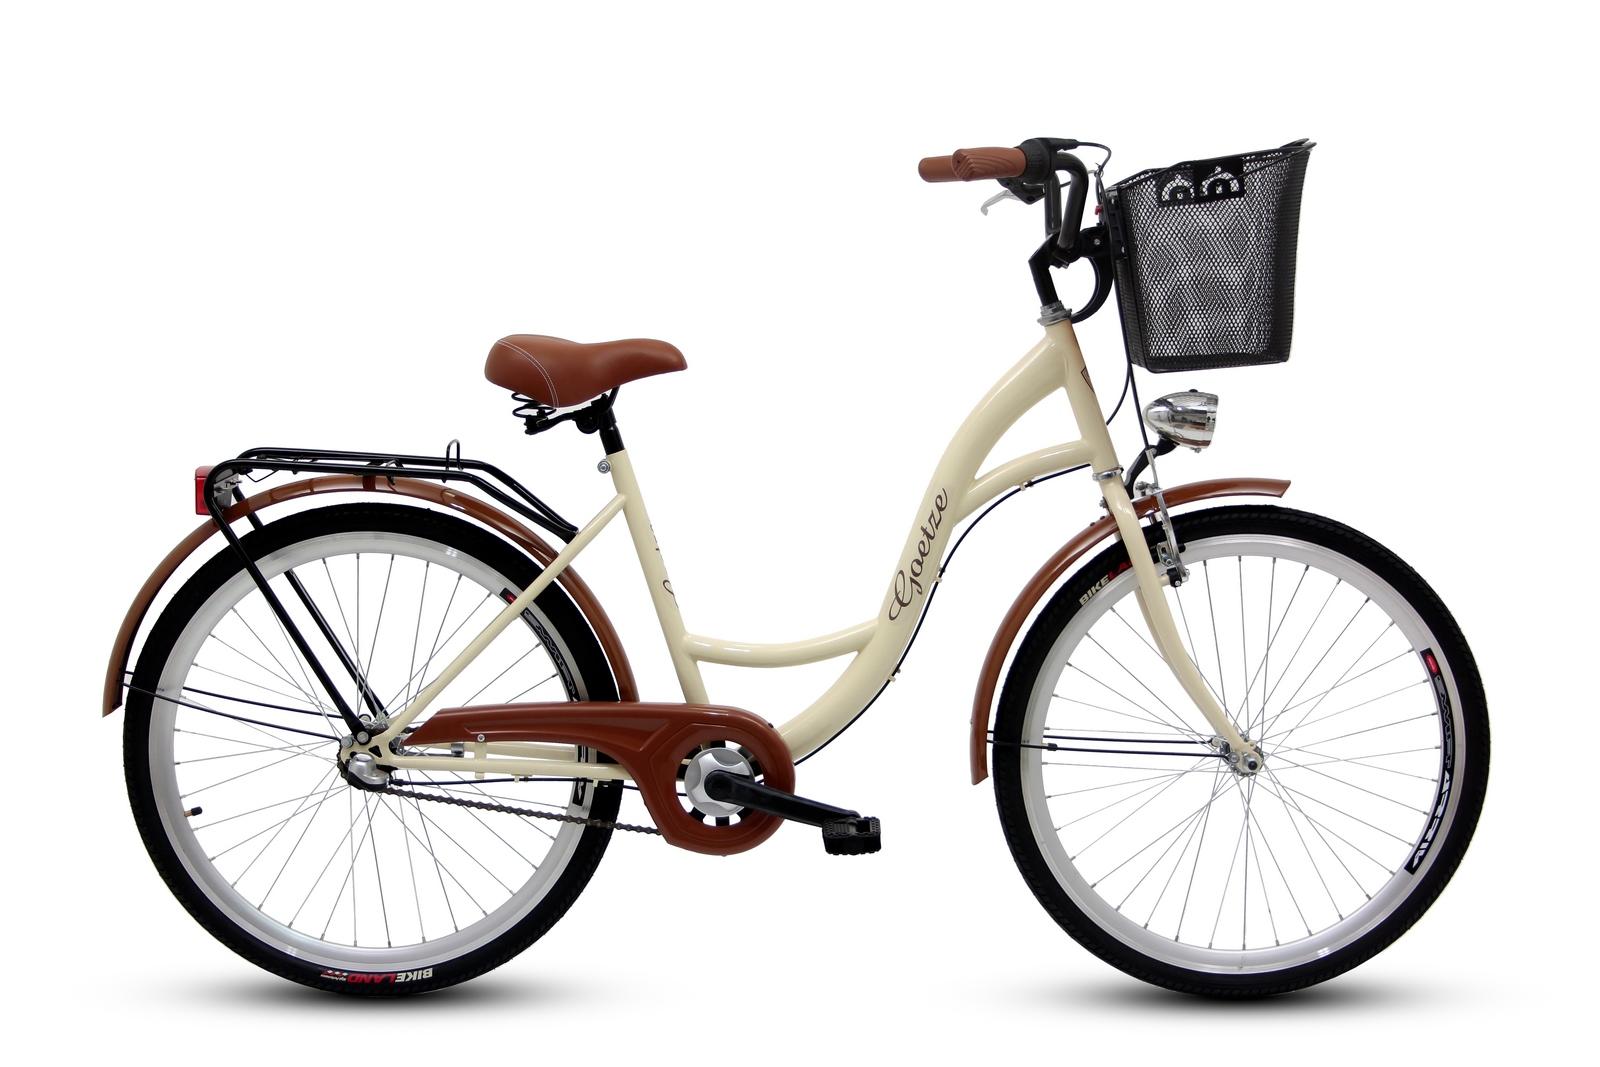 Dámsky mestský bicykel GOETZE 26, 3-rýchlostný kôš zadarmo!  Značka Goetze